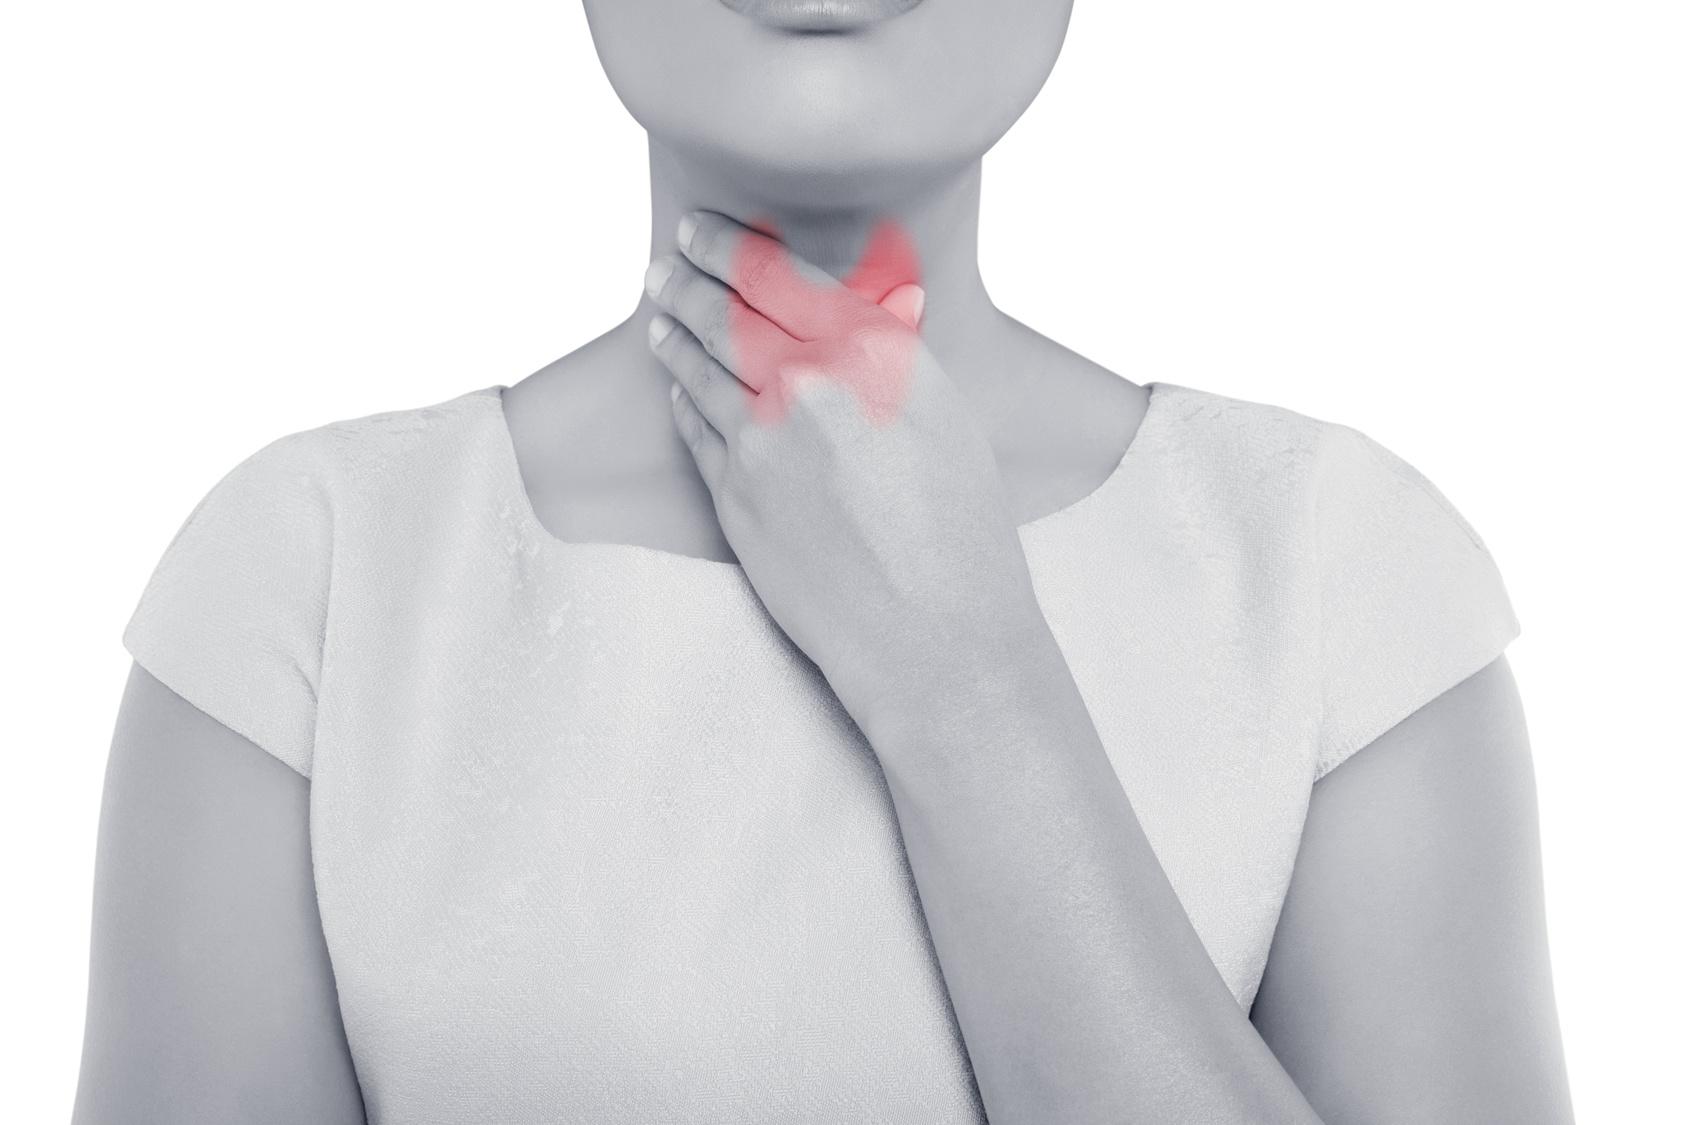 女性で甲状腺の病気ってよく聞くけど甲状腺機能低下症/亢進症って何?